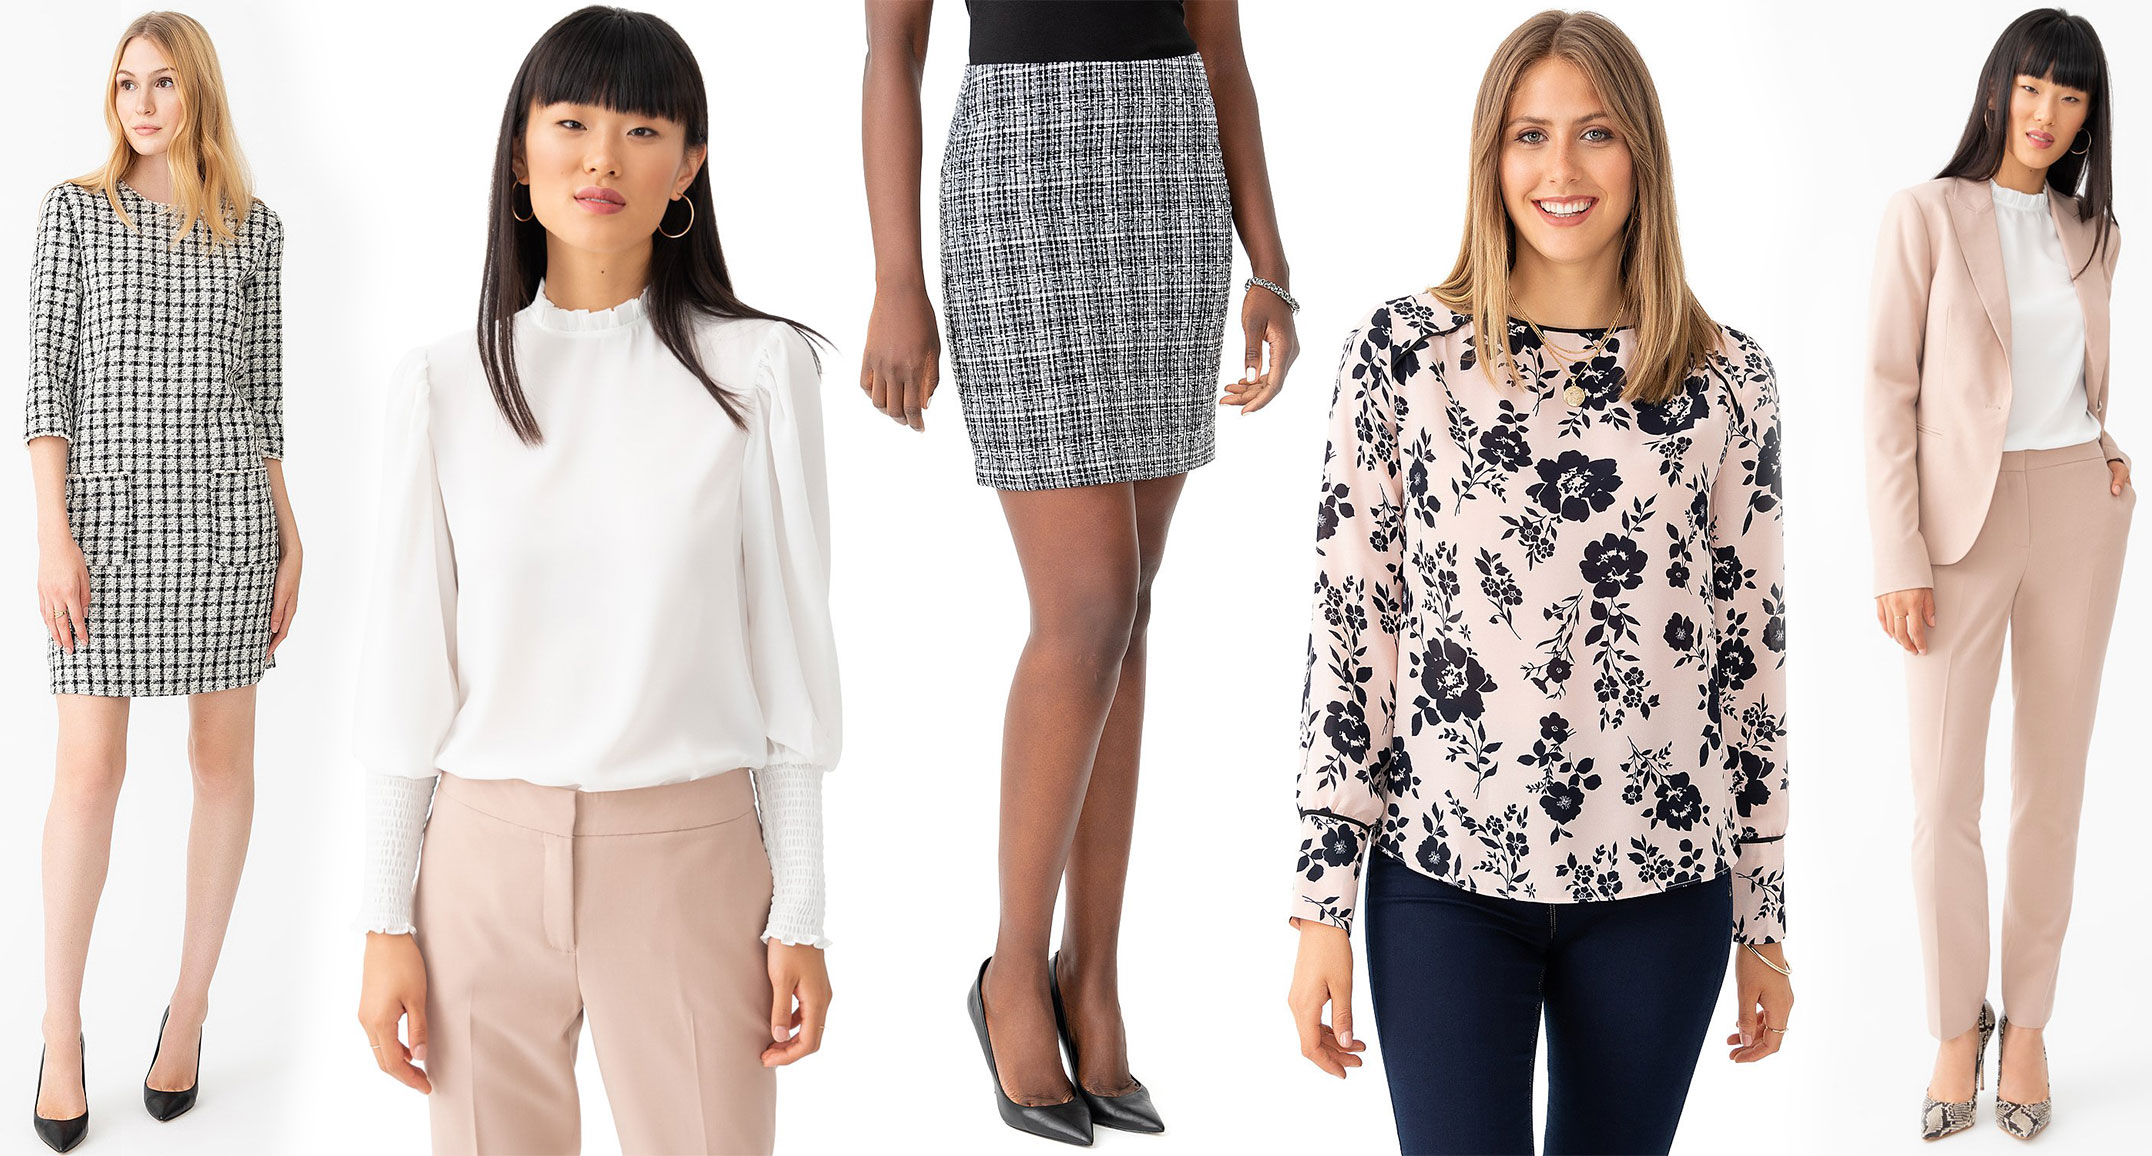 Suzy Shier Workwear.jpg